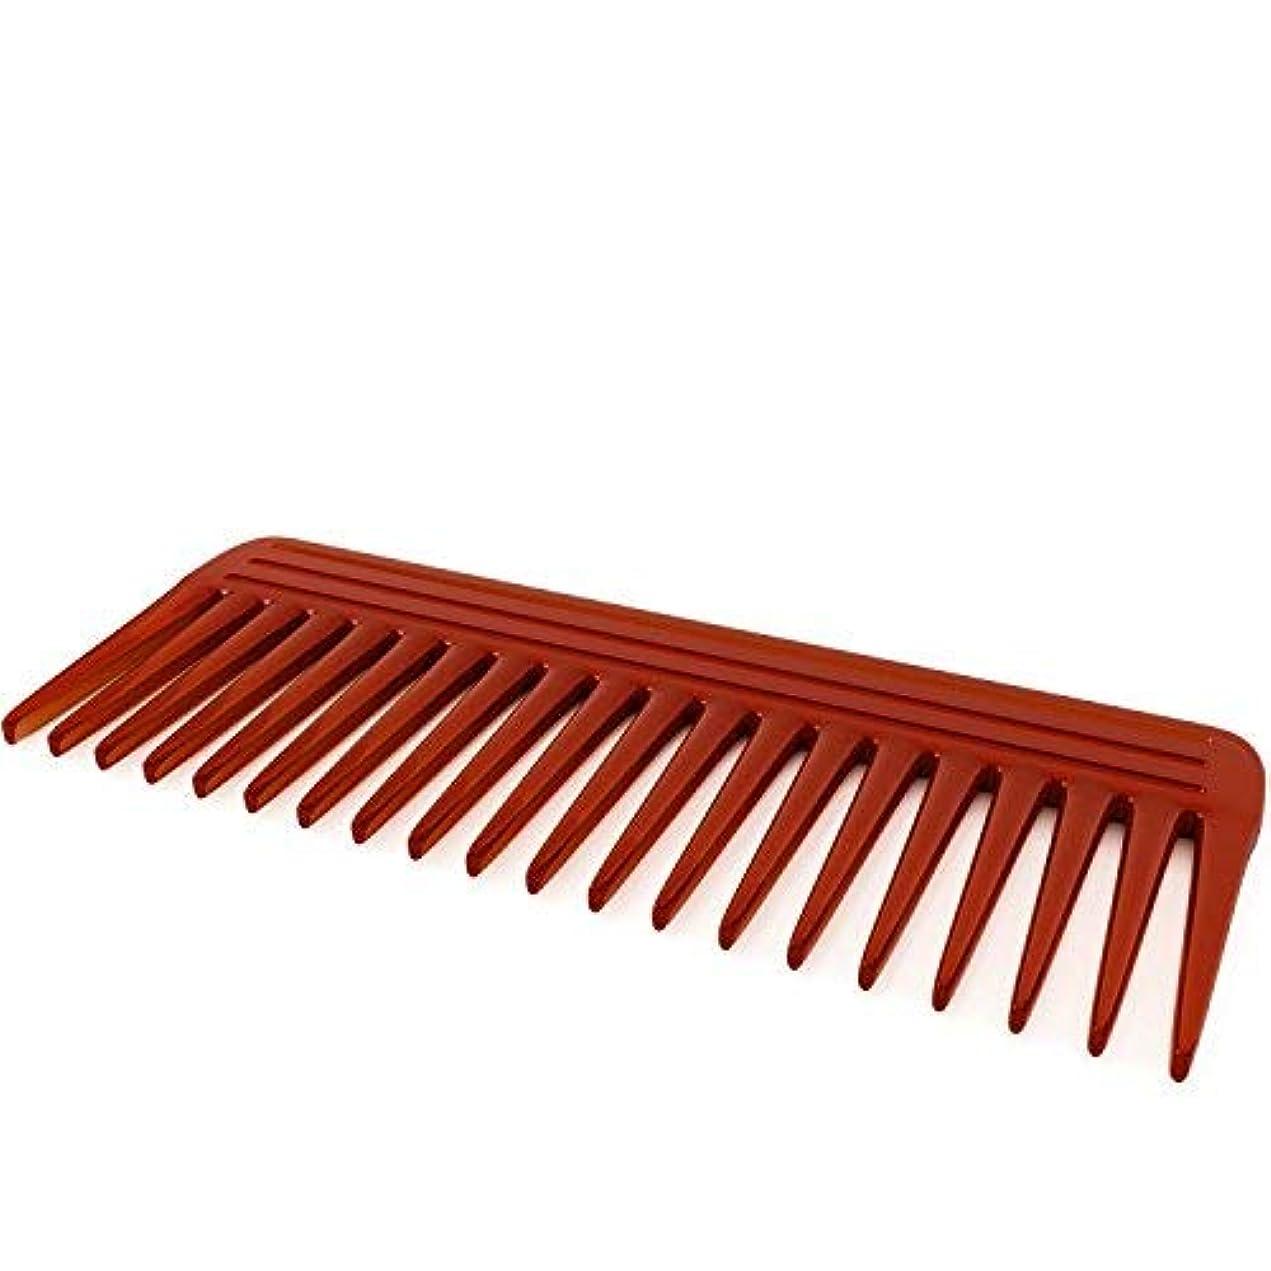 終了するスペインプラスチックNatural Hair Comb for Men & Women - Made From Pure Resin Pulp - Best Styling Comb for Long, Wet or Curly Hair...